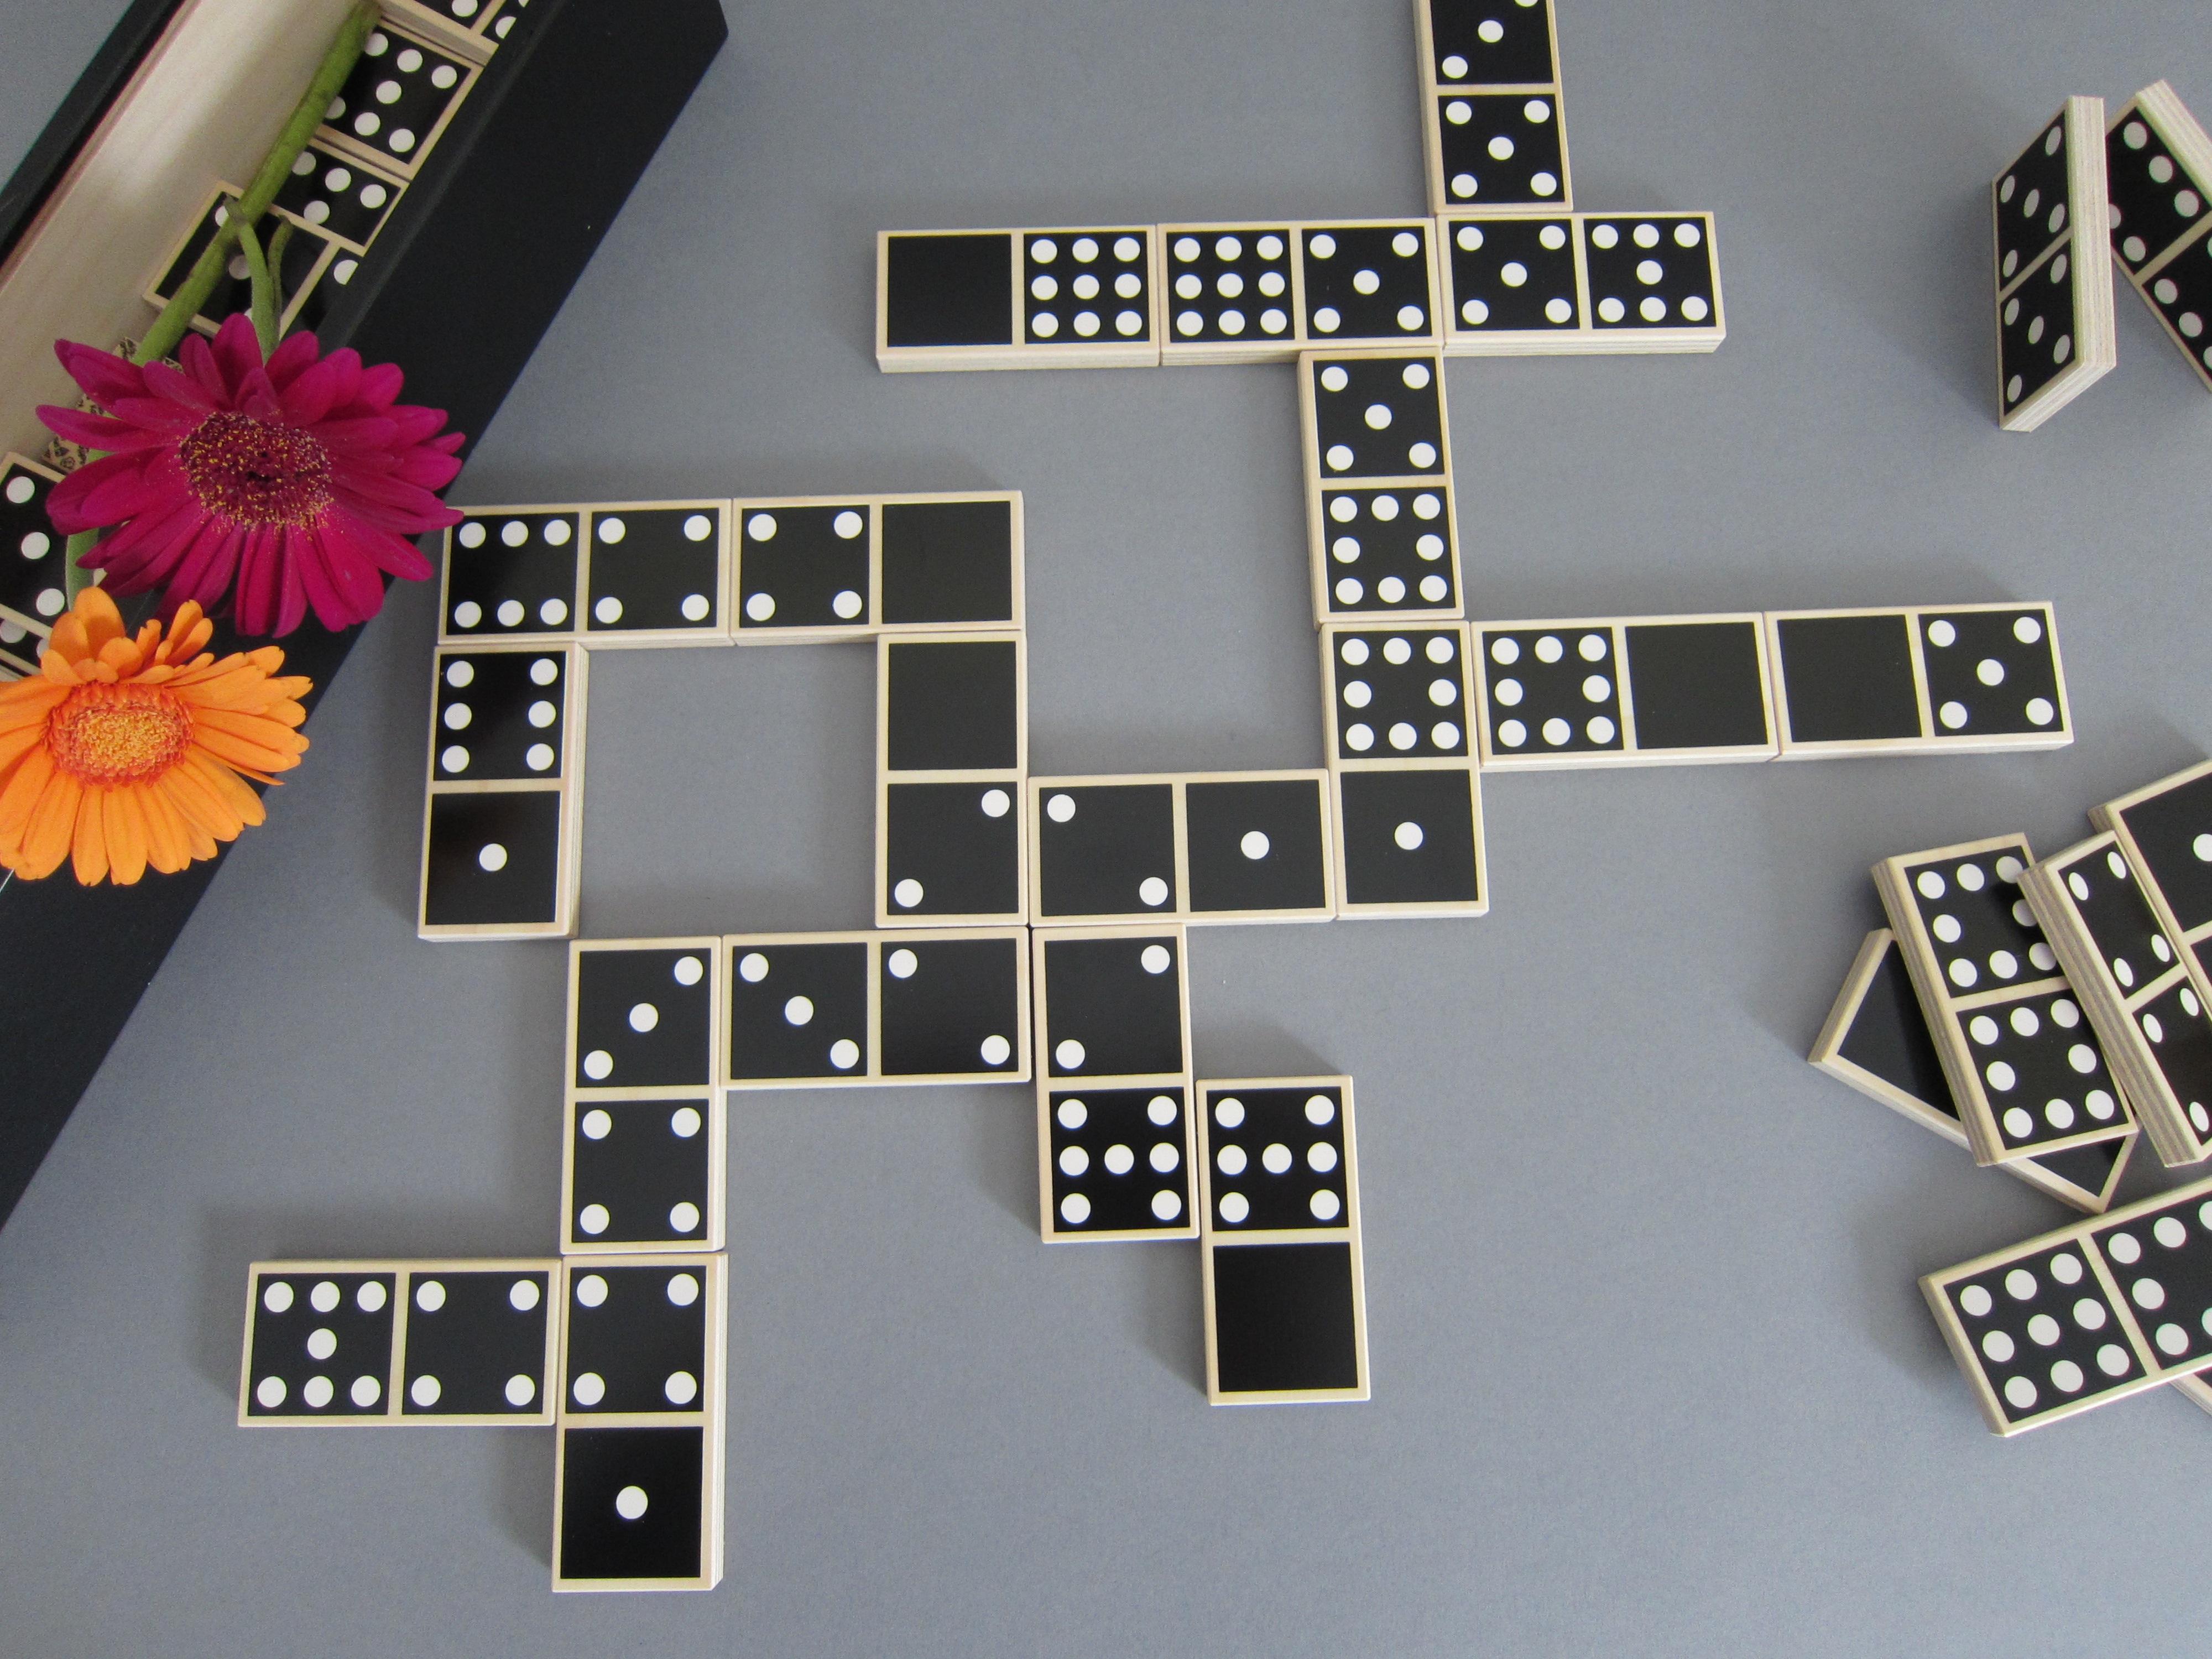 игры домино играть в карты бесплатно